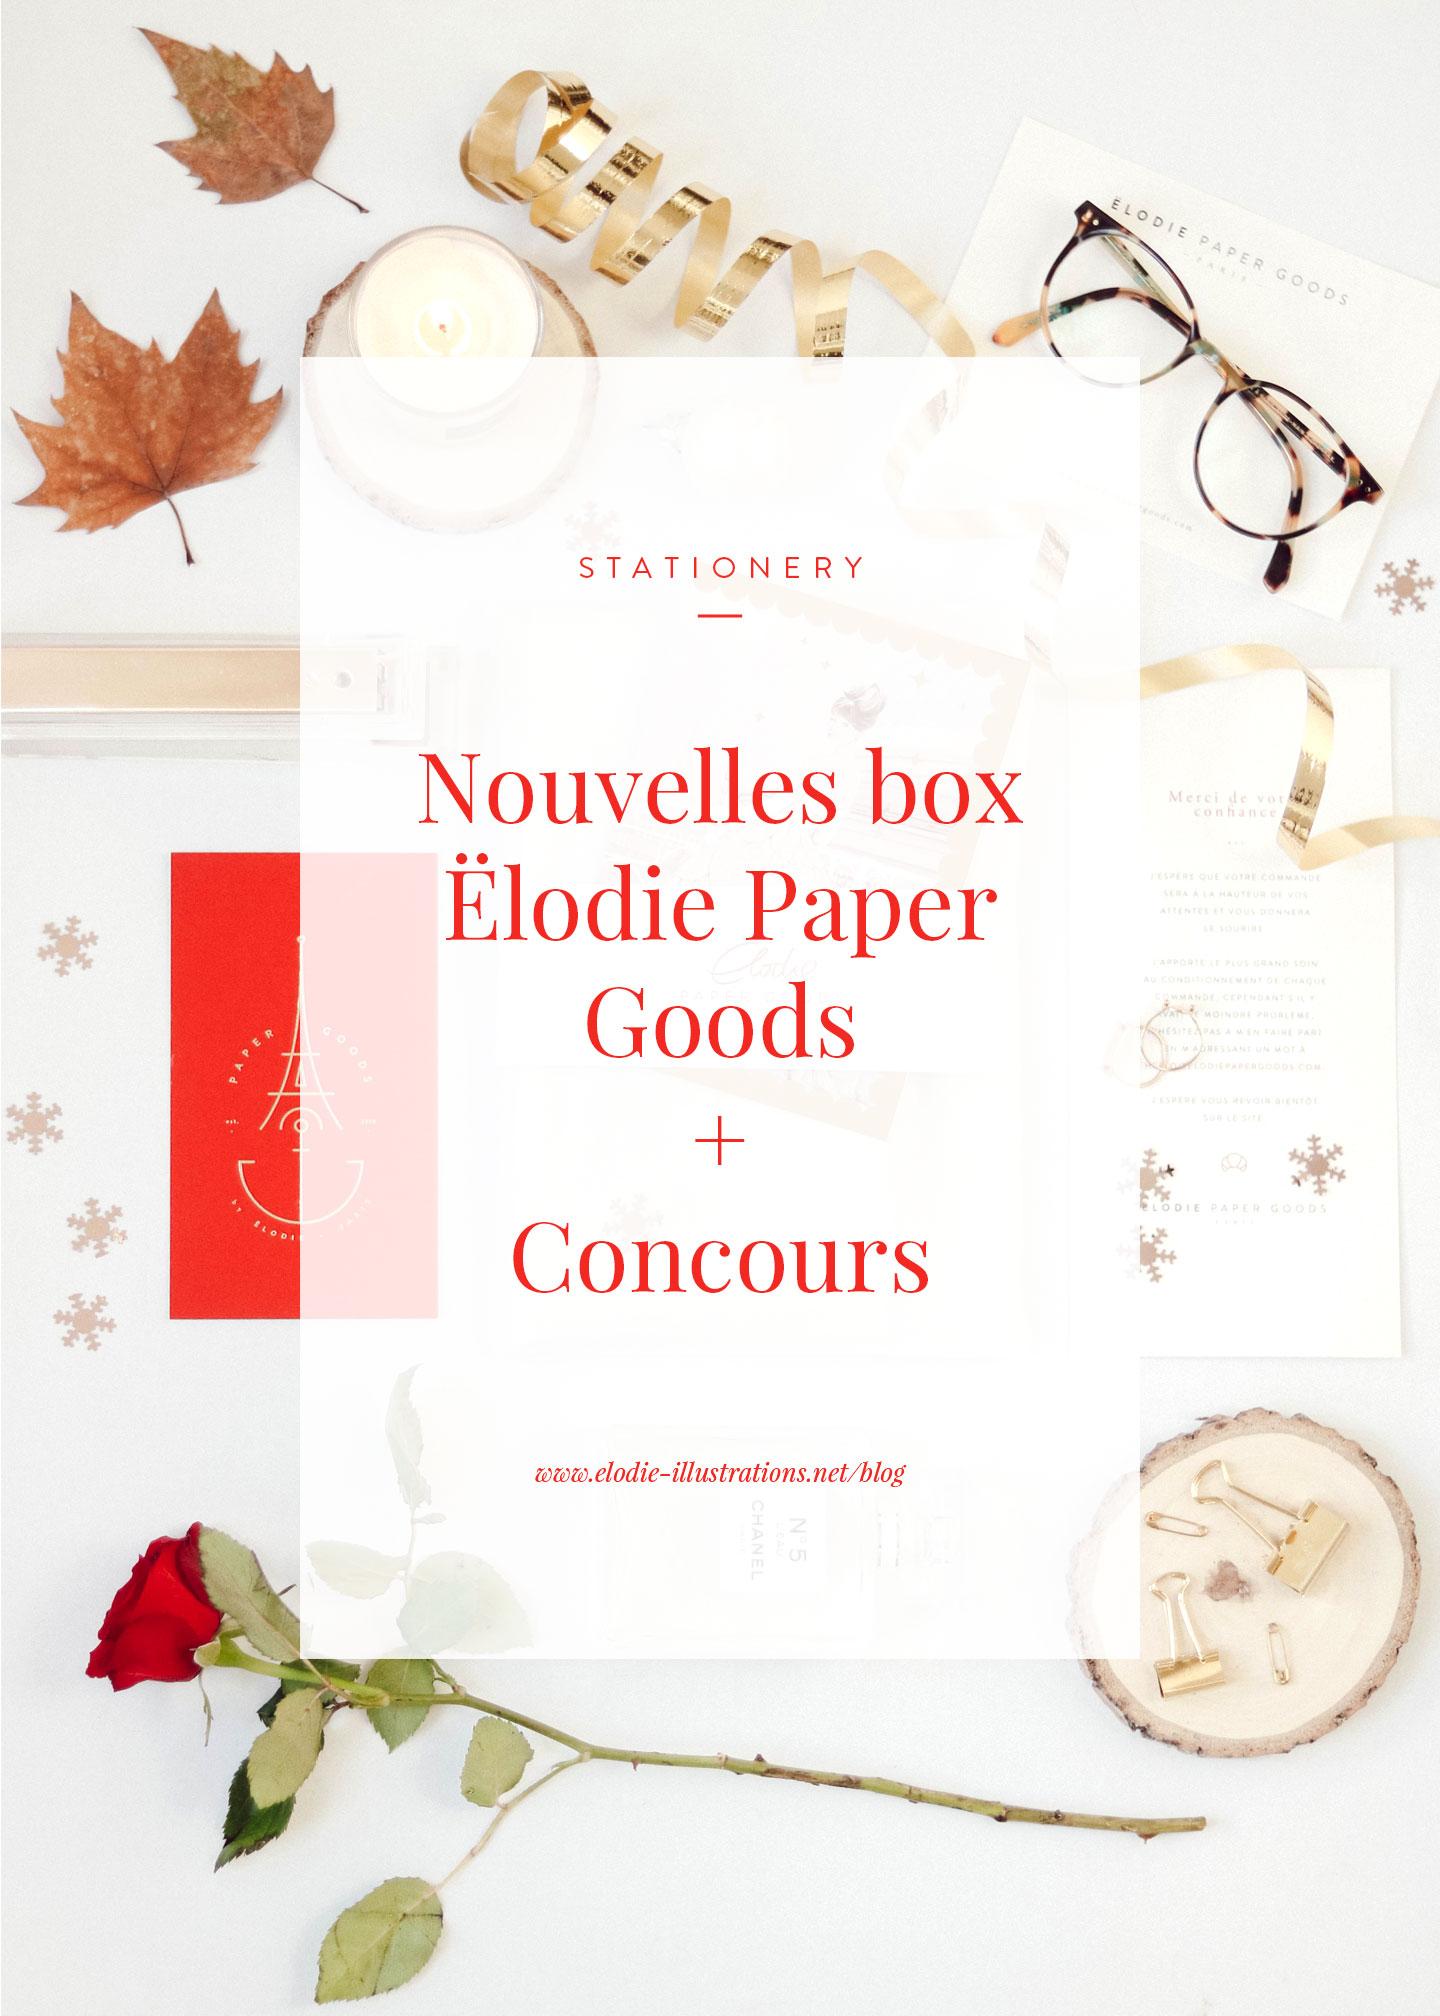 Nouvelle box Ëlodie Paper Goods dans la boutique + CONCOURS !!! - Cliquez pour découvrir l'article